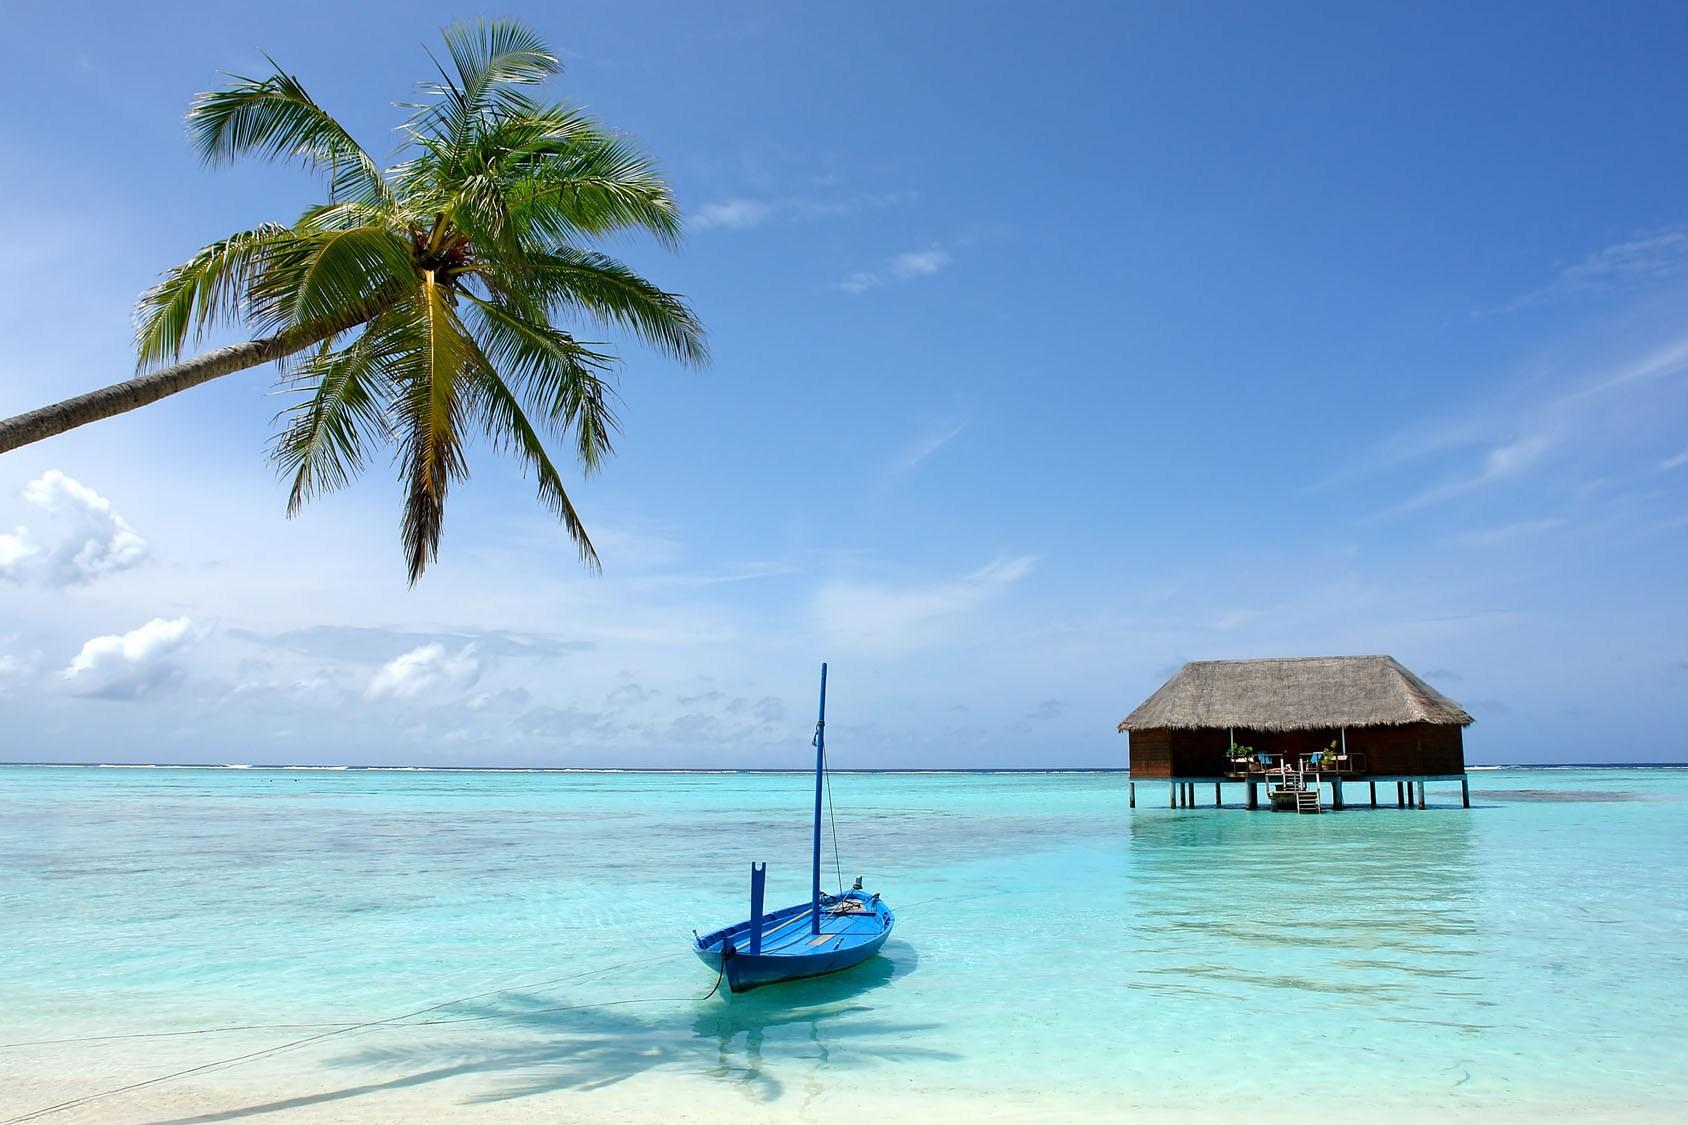 اهم الانشطة السياحية في جزر فرهنتين ماليزيا  | وجهه الاحلام فى ماليزيا